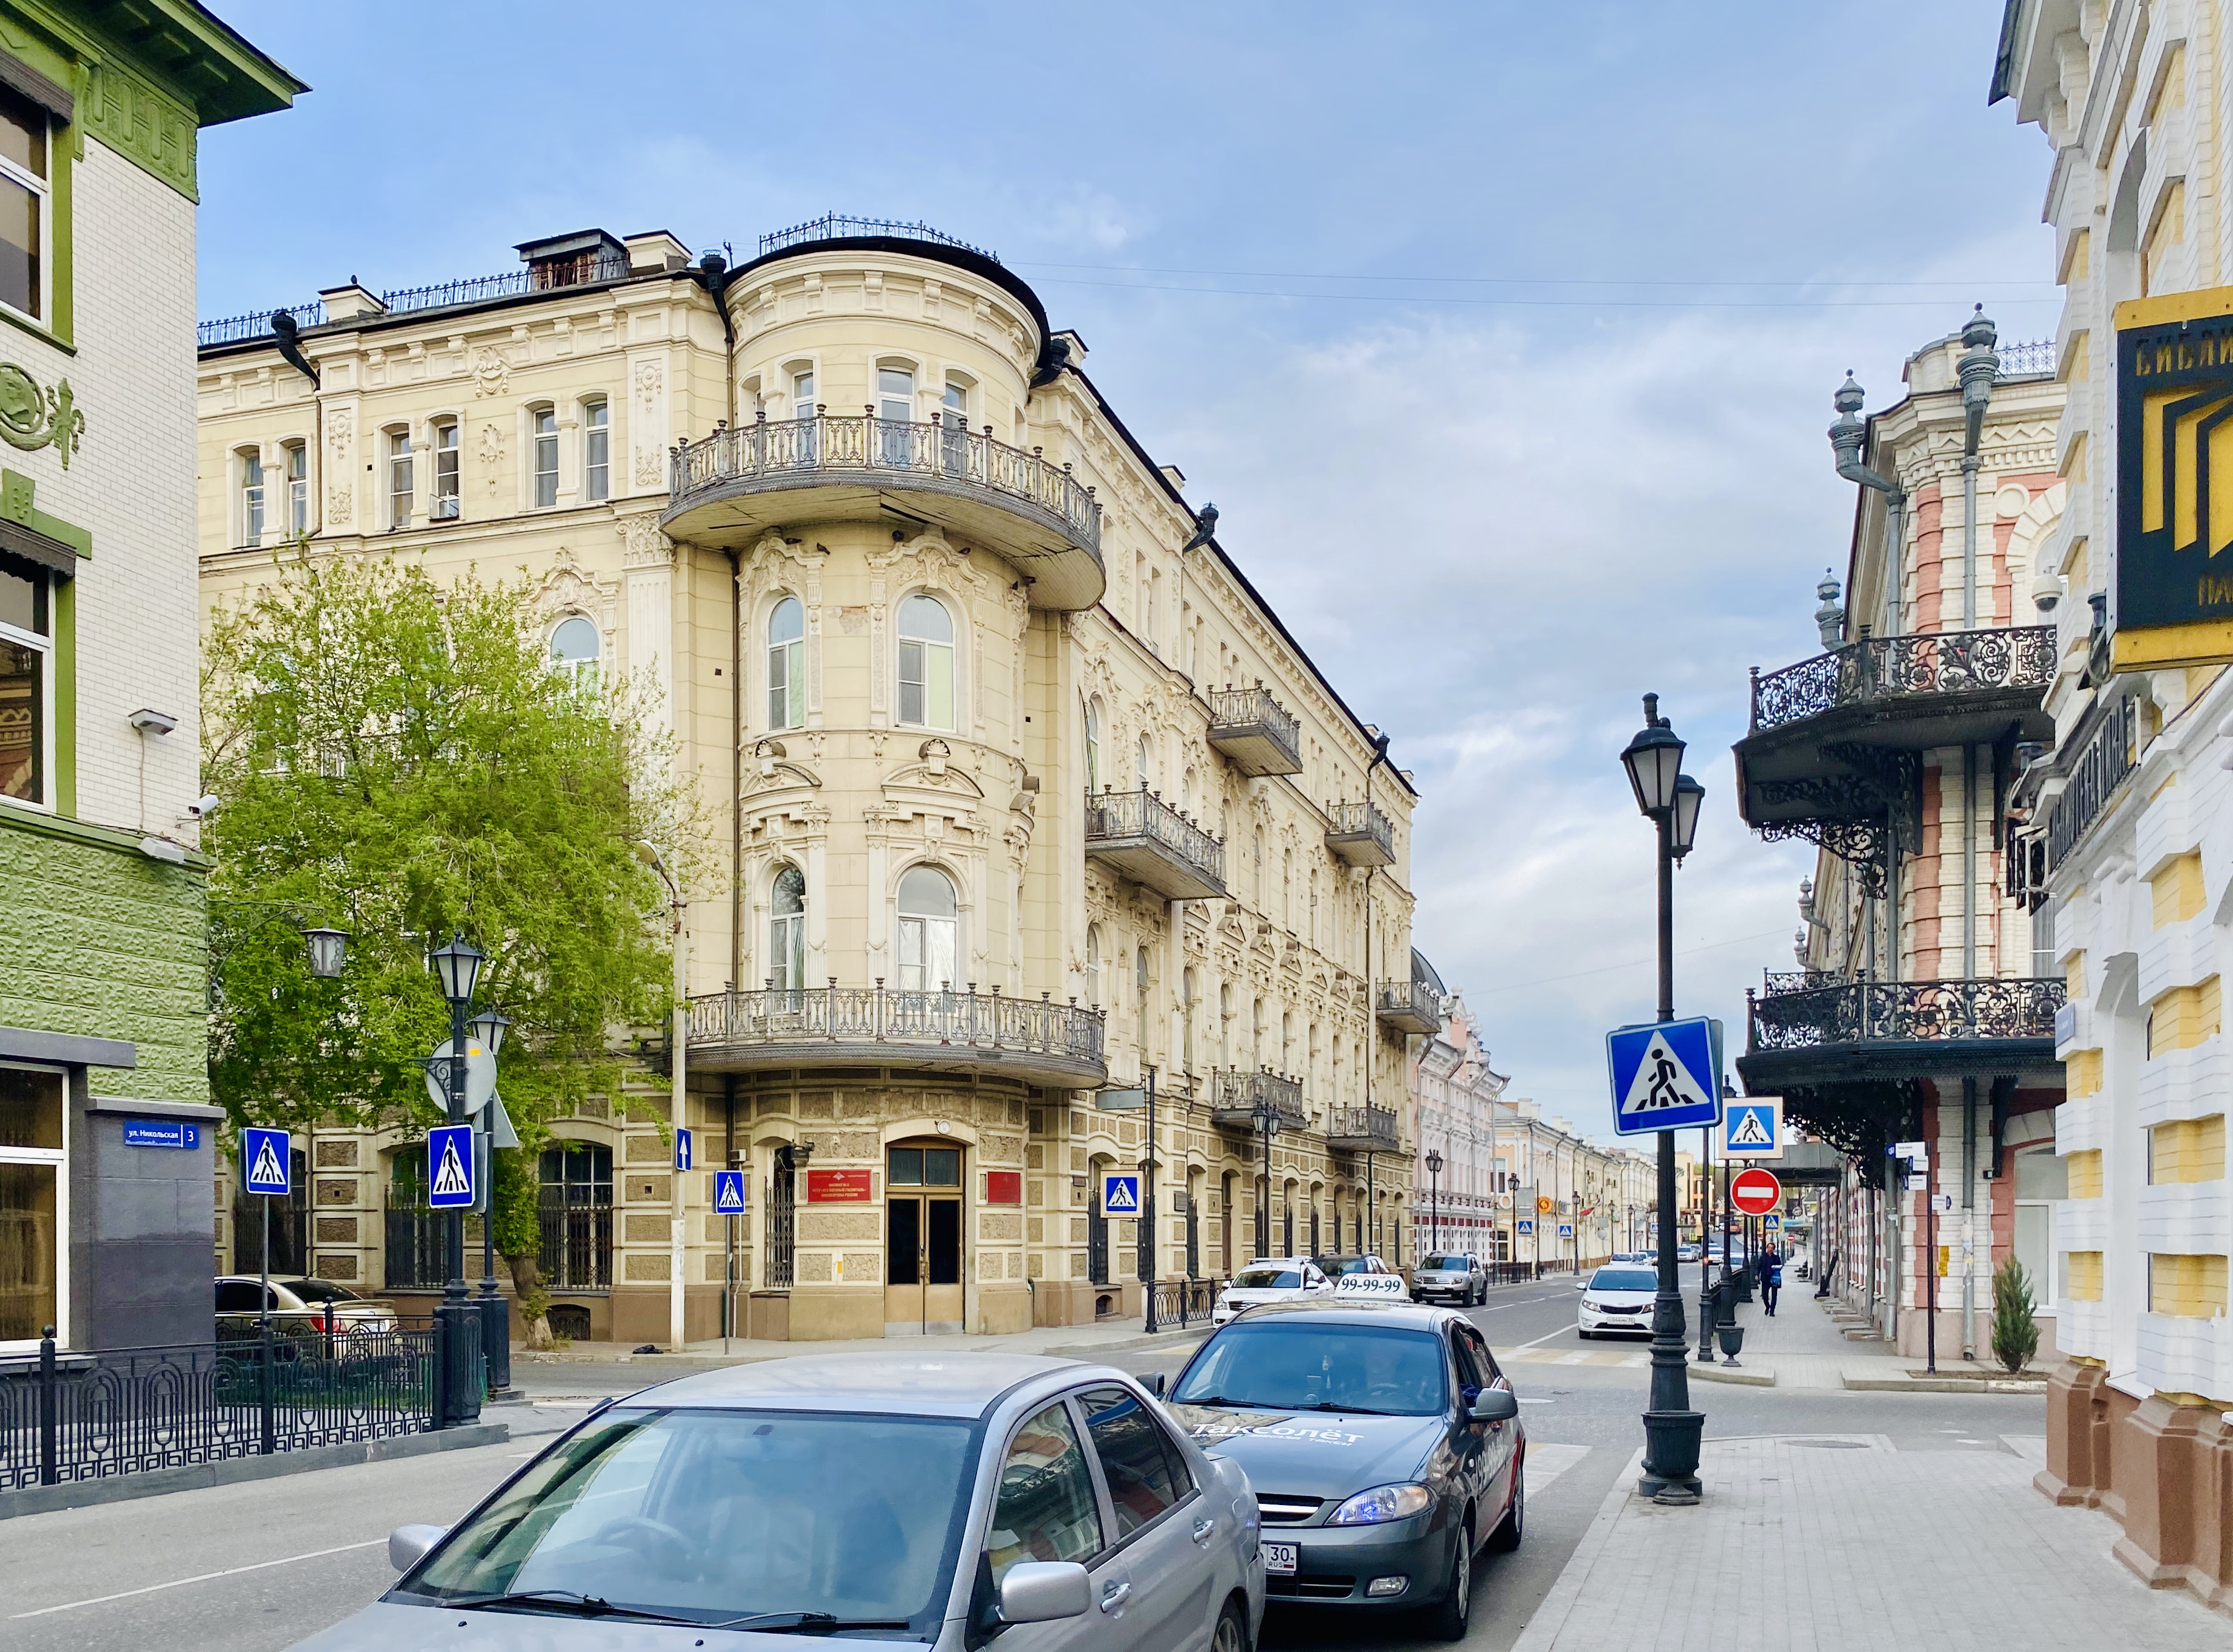 Жители Астрахани и семи районов смогут внести свои предложения по развитию будущей Астраханской агломерации